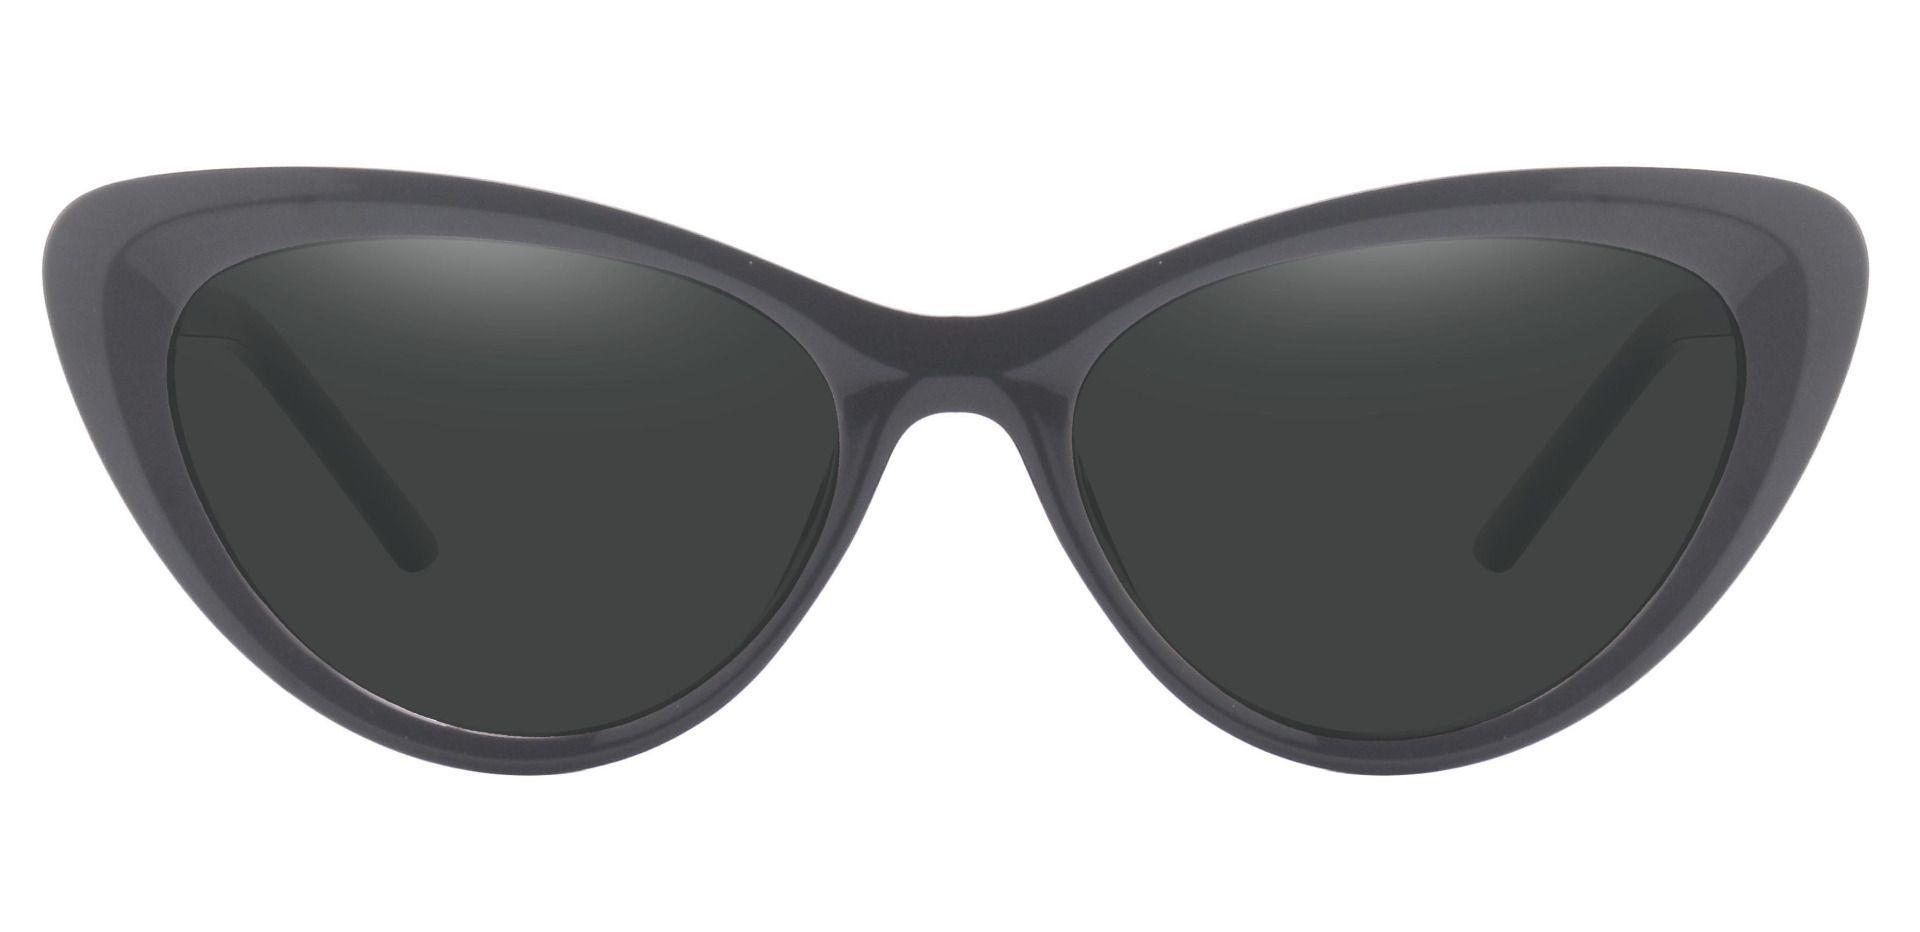 Gemini Cat Eye Prescription Sunglasses - Black Frame With Gray Lenses